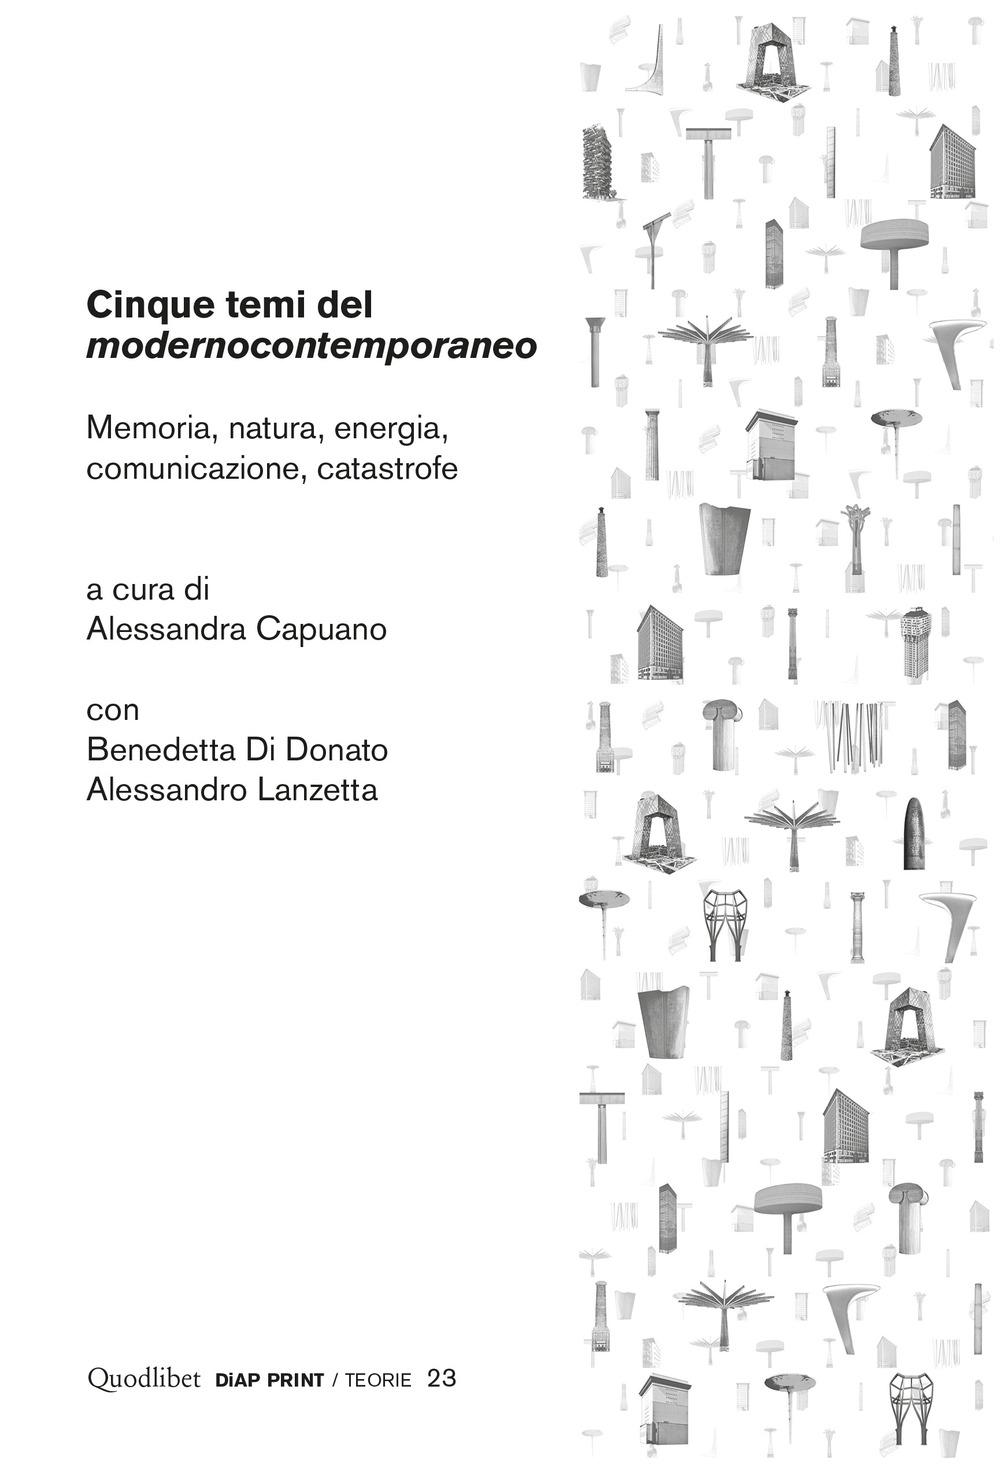 CINQUE TEMI DEL «MODERNOCONTEMPORANEO». MEMORIA, NATURA, ENERGIA, COMUNICAZIONE, CATASTROFE - Capuano A. (cur.); Di Donato B. (cur.); Lanzetta A. (cur.) - 9788822903976